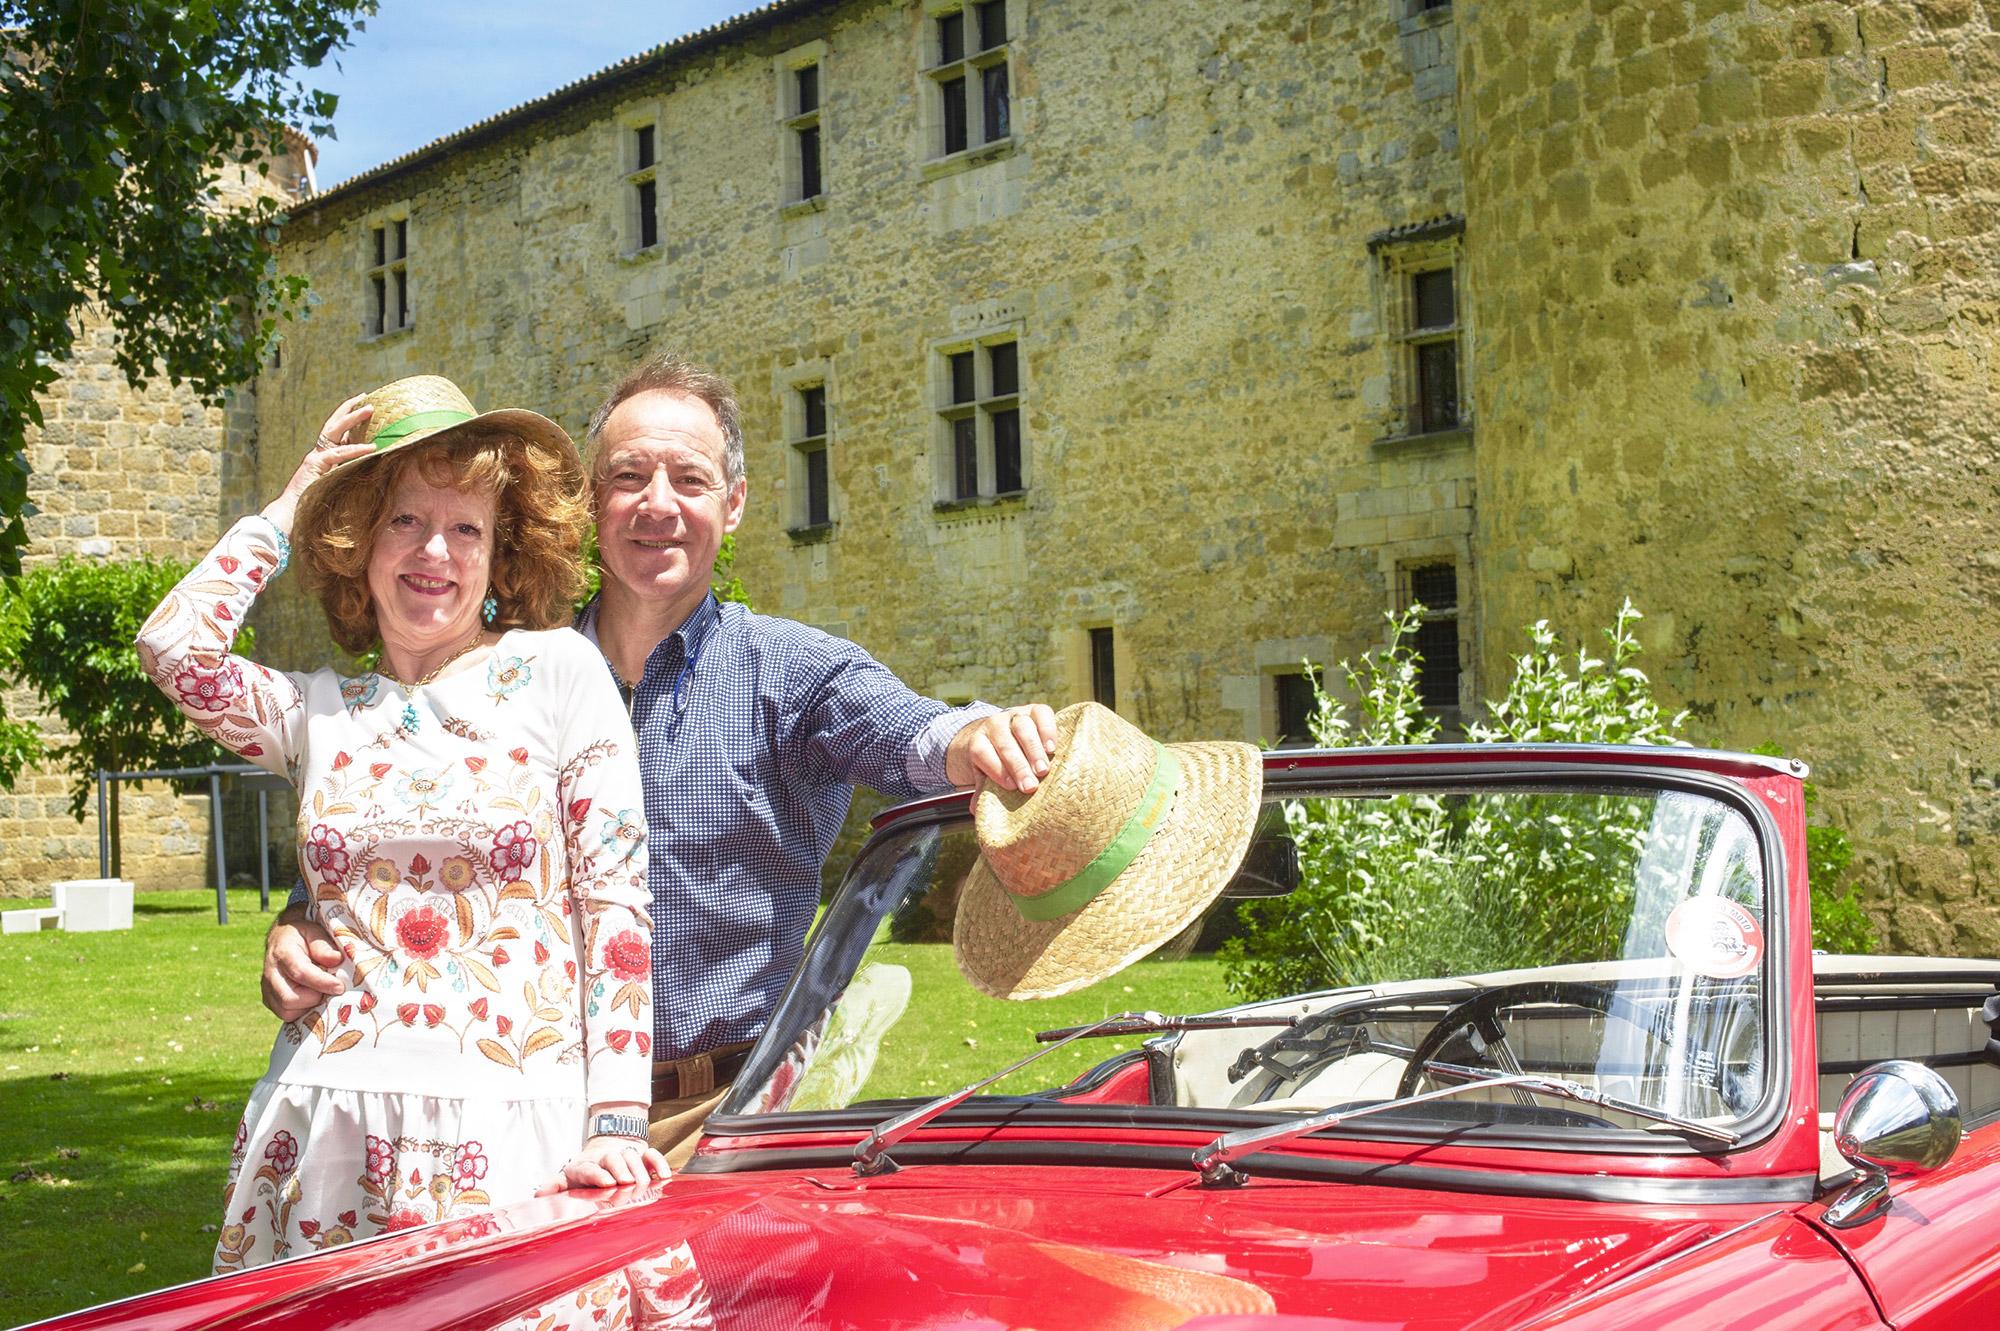 Une femme et un homme devant une voiture rouge avec un château en arrière-plan